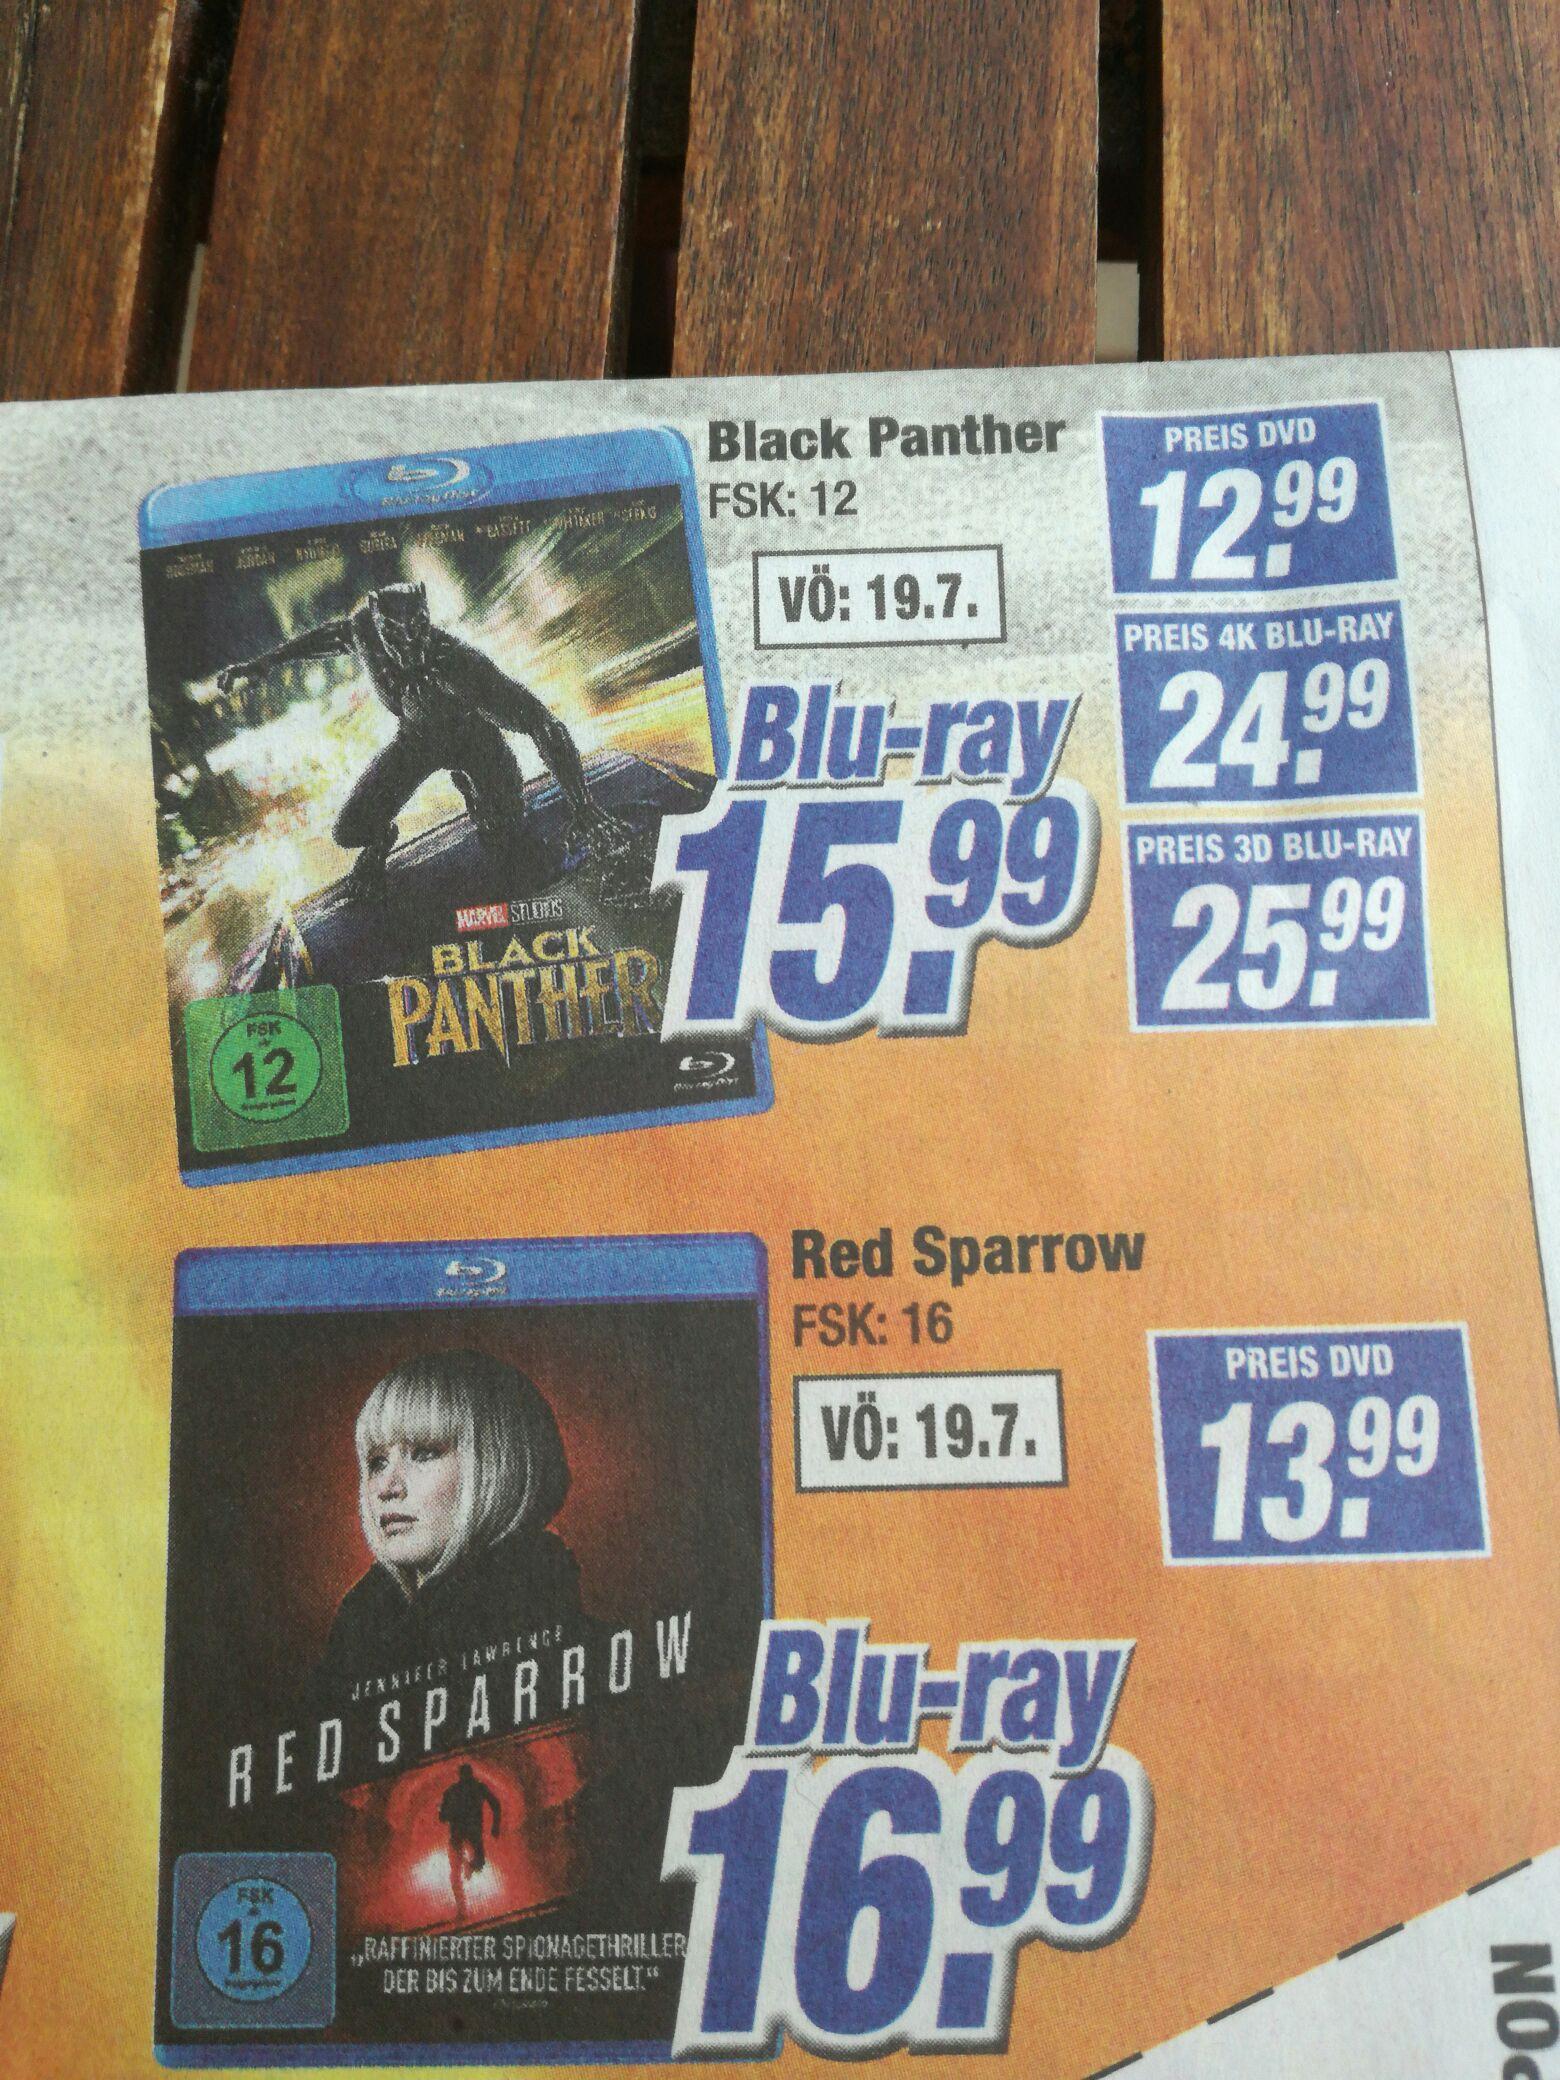 Black Panther Blu-ray [lokal] [Koblenz] evtl. alle Expert Klein Filialen